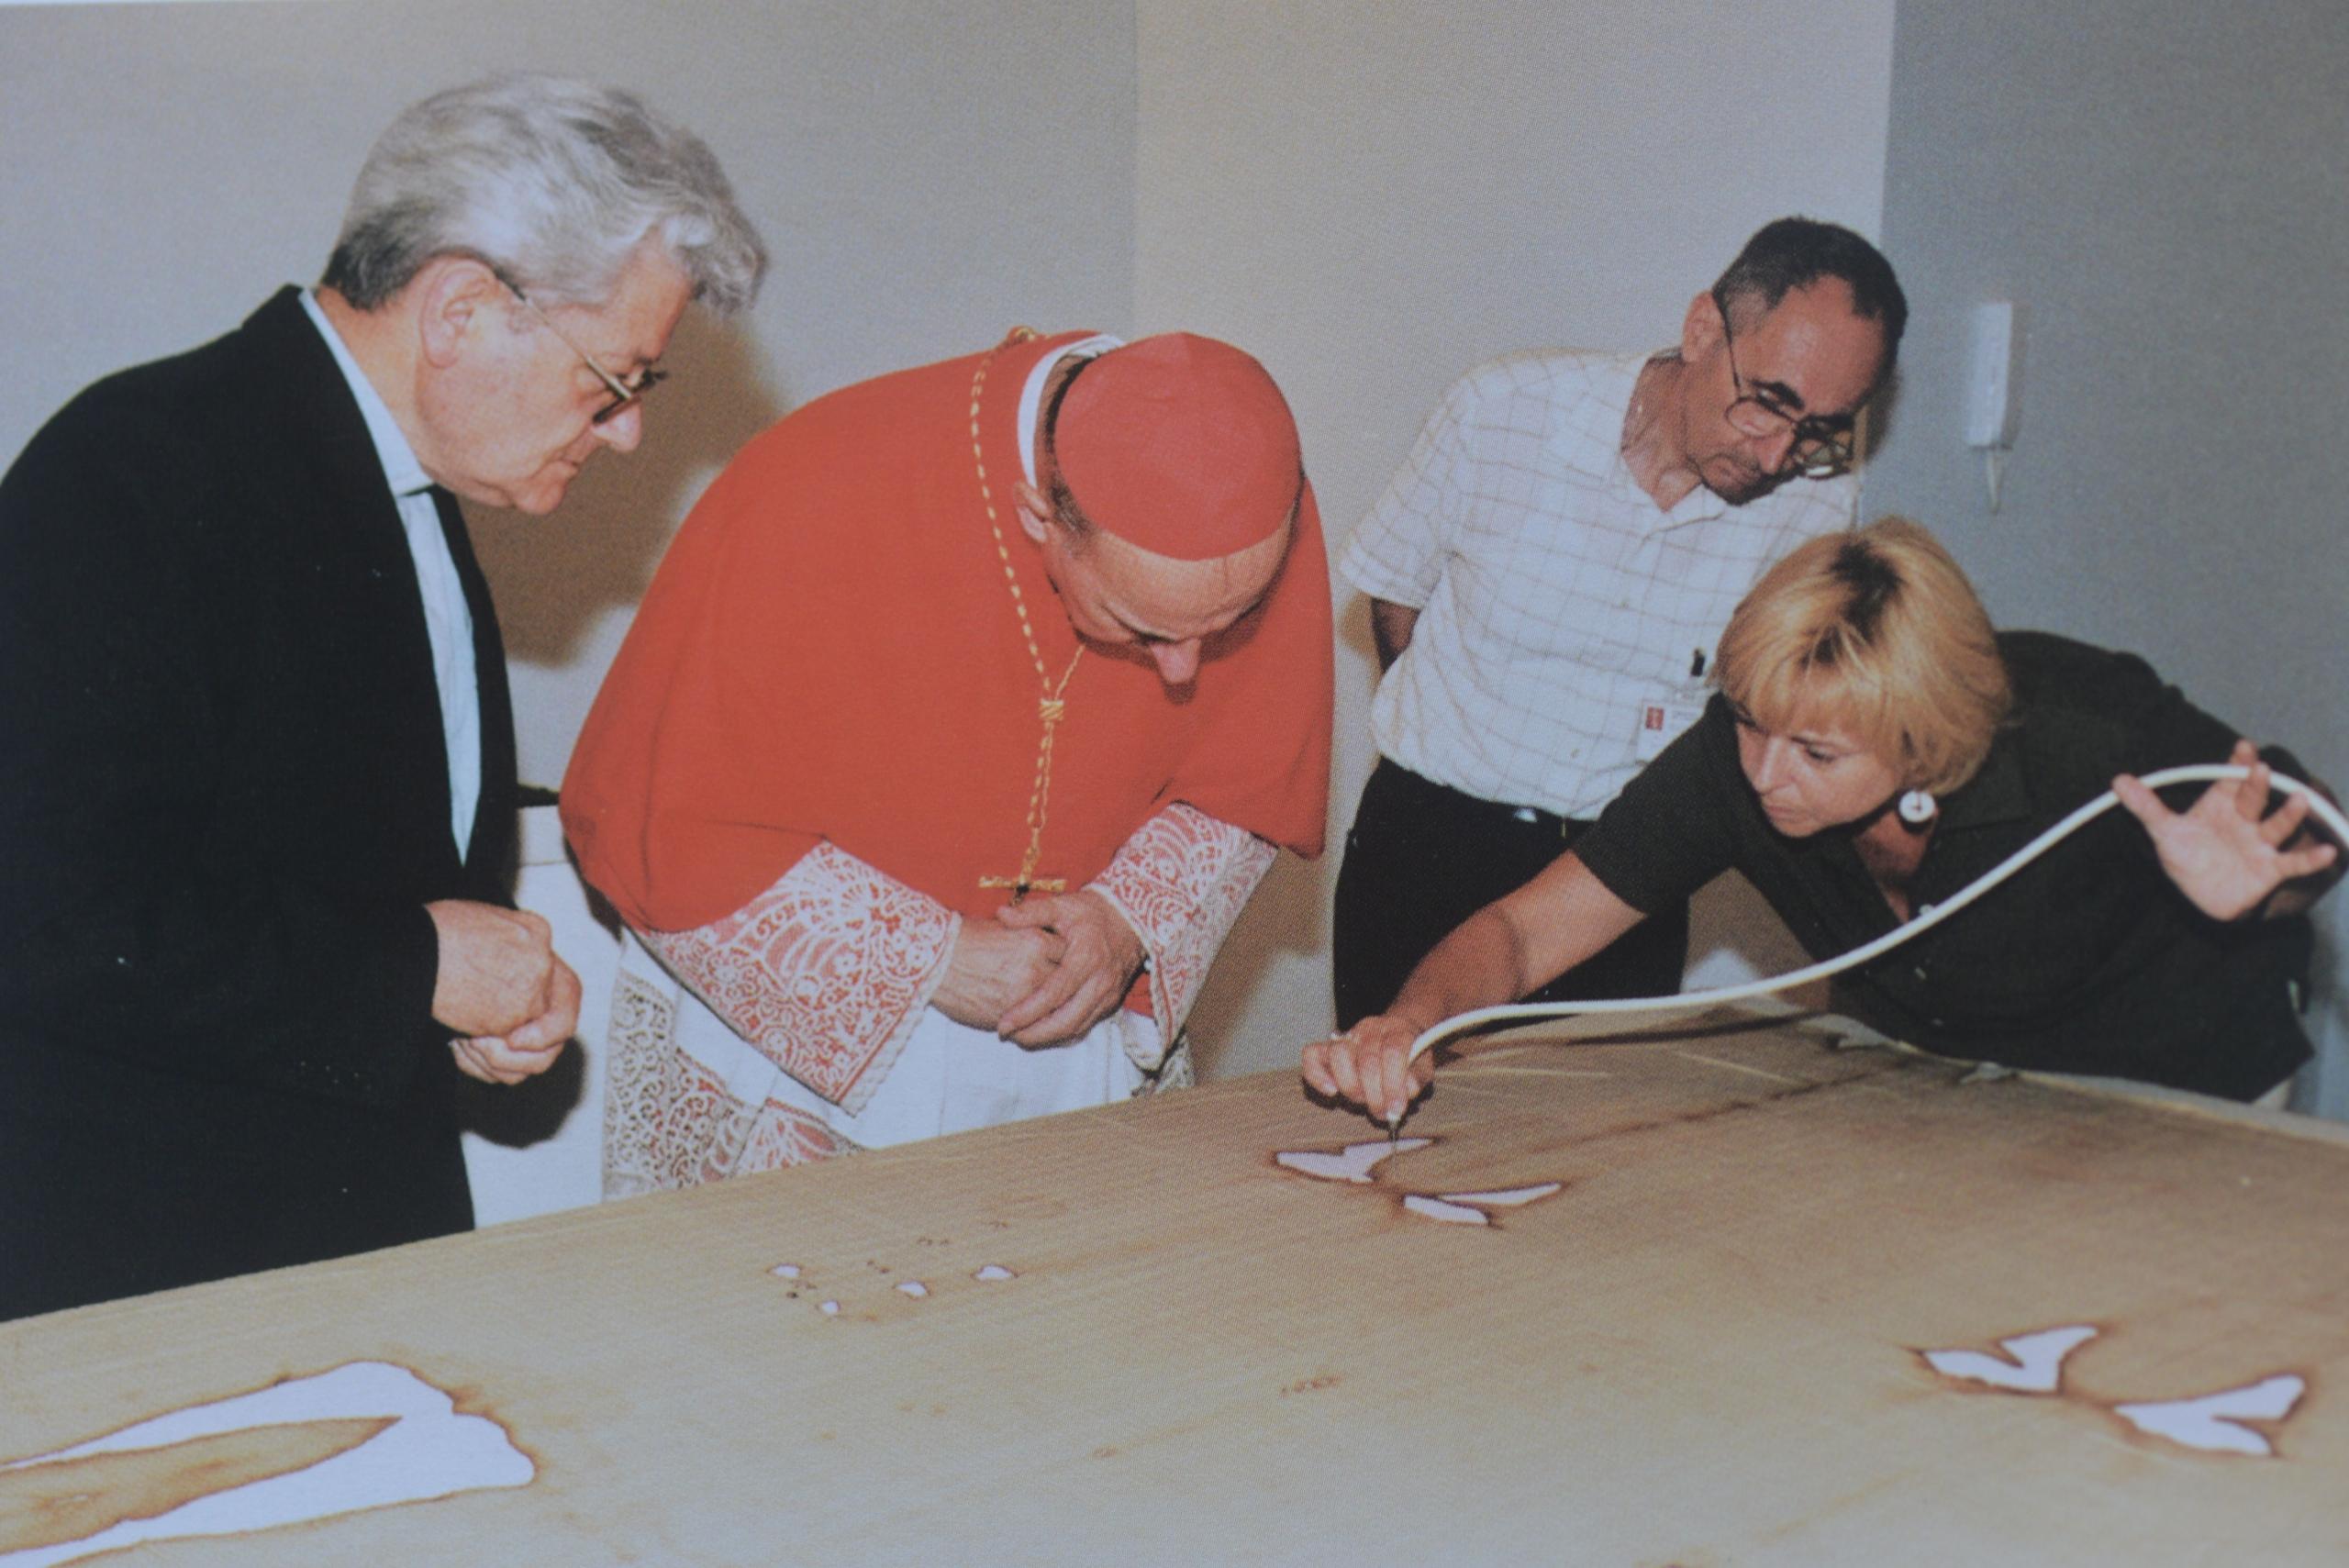 Photo B. Guisseppe Ghiberti, Cardenal Severino Poletto and colaborators